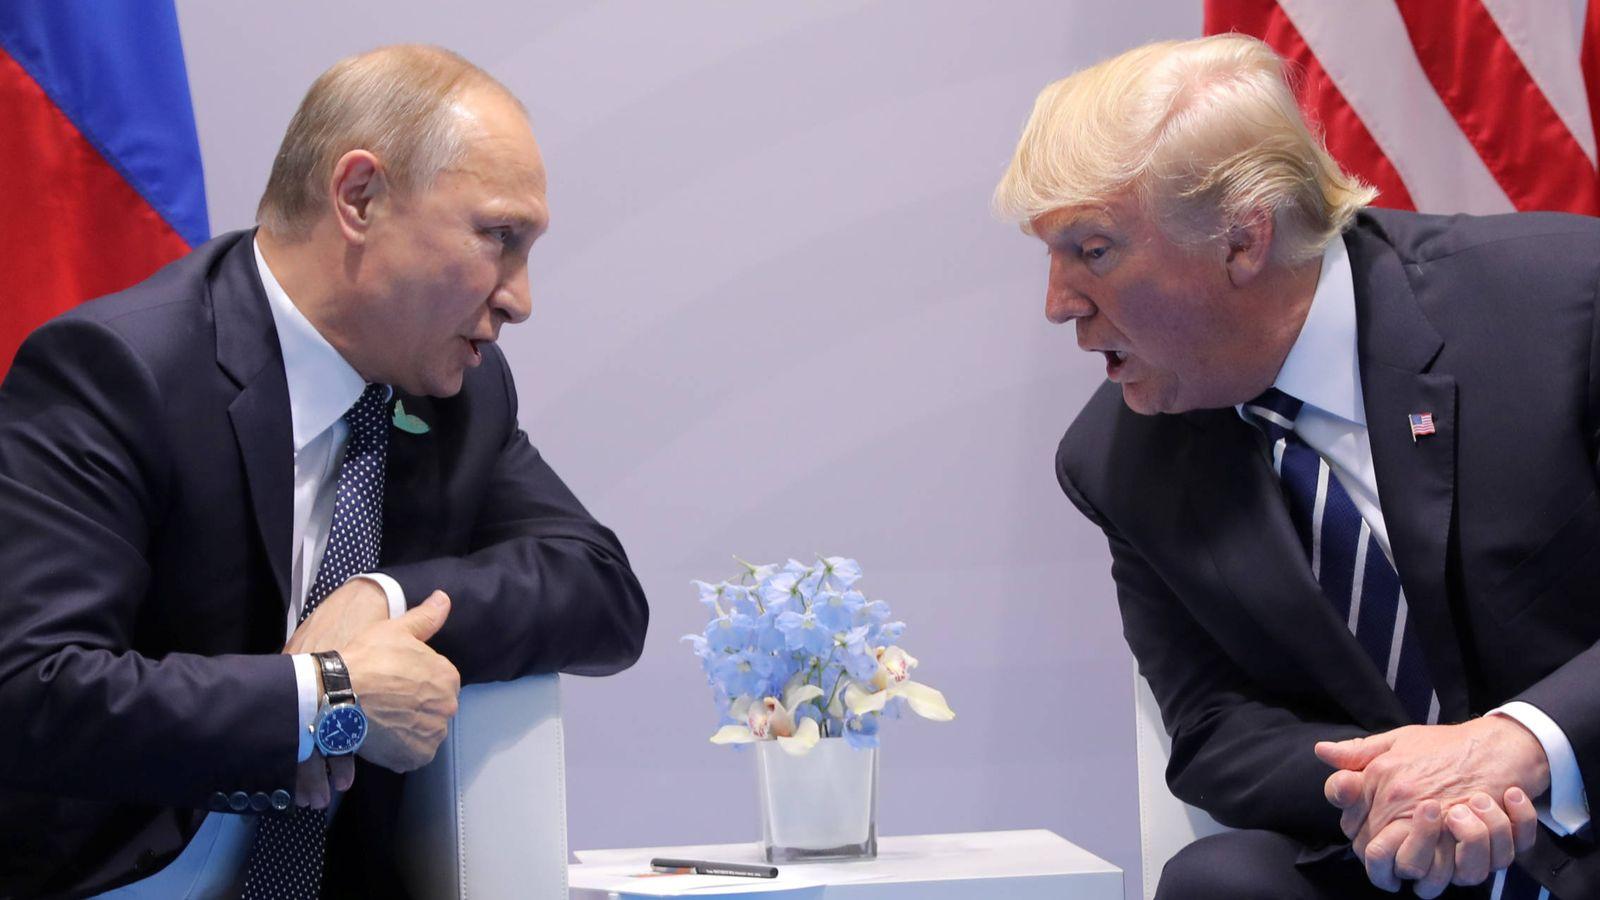 Foto: El presidente de EEUU, Donald Trump, habla con su homólogo ruso, Vladimir Putin, durante una reunión bilateral en la cumbre del G-20, en Hamburgo. (Reuters)